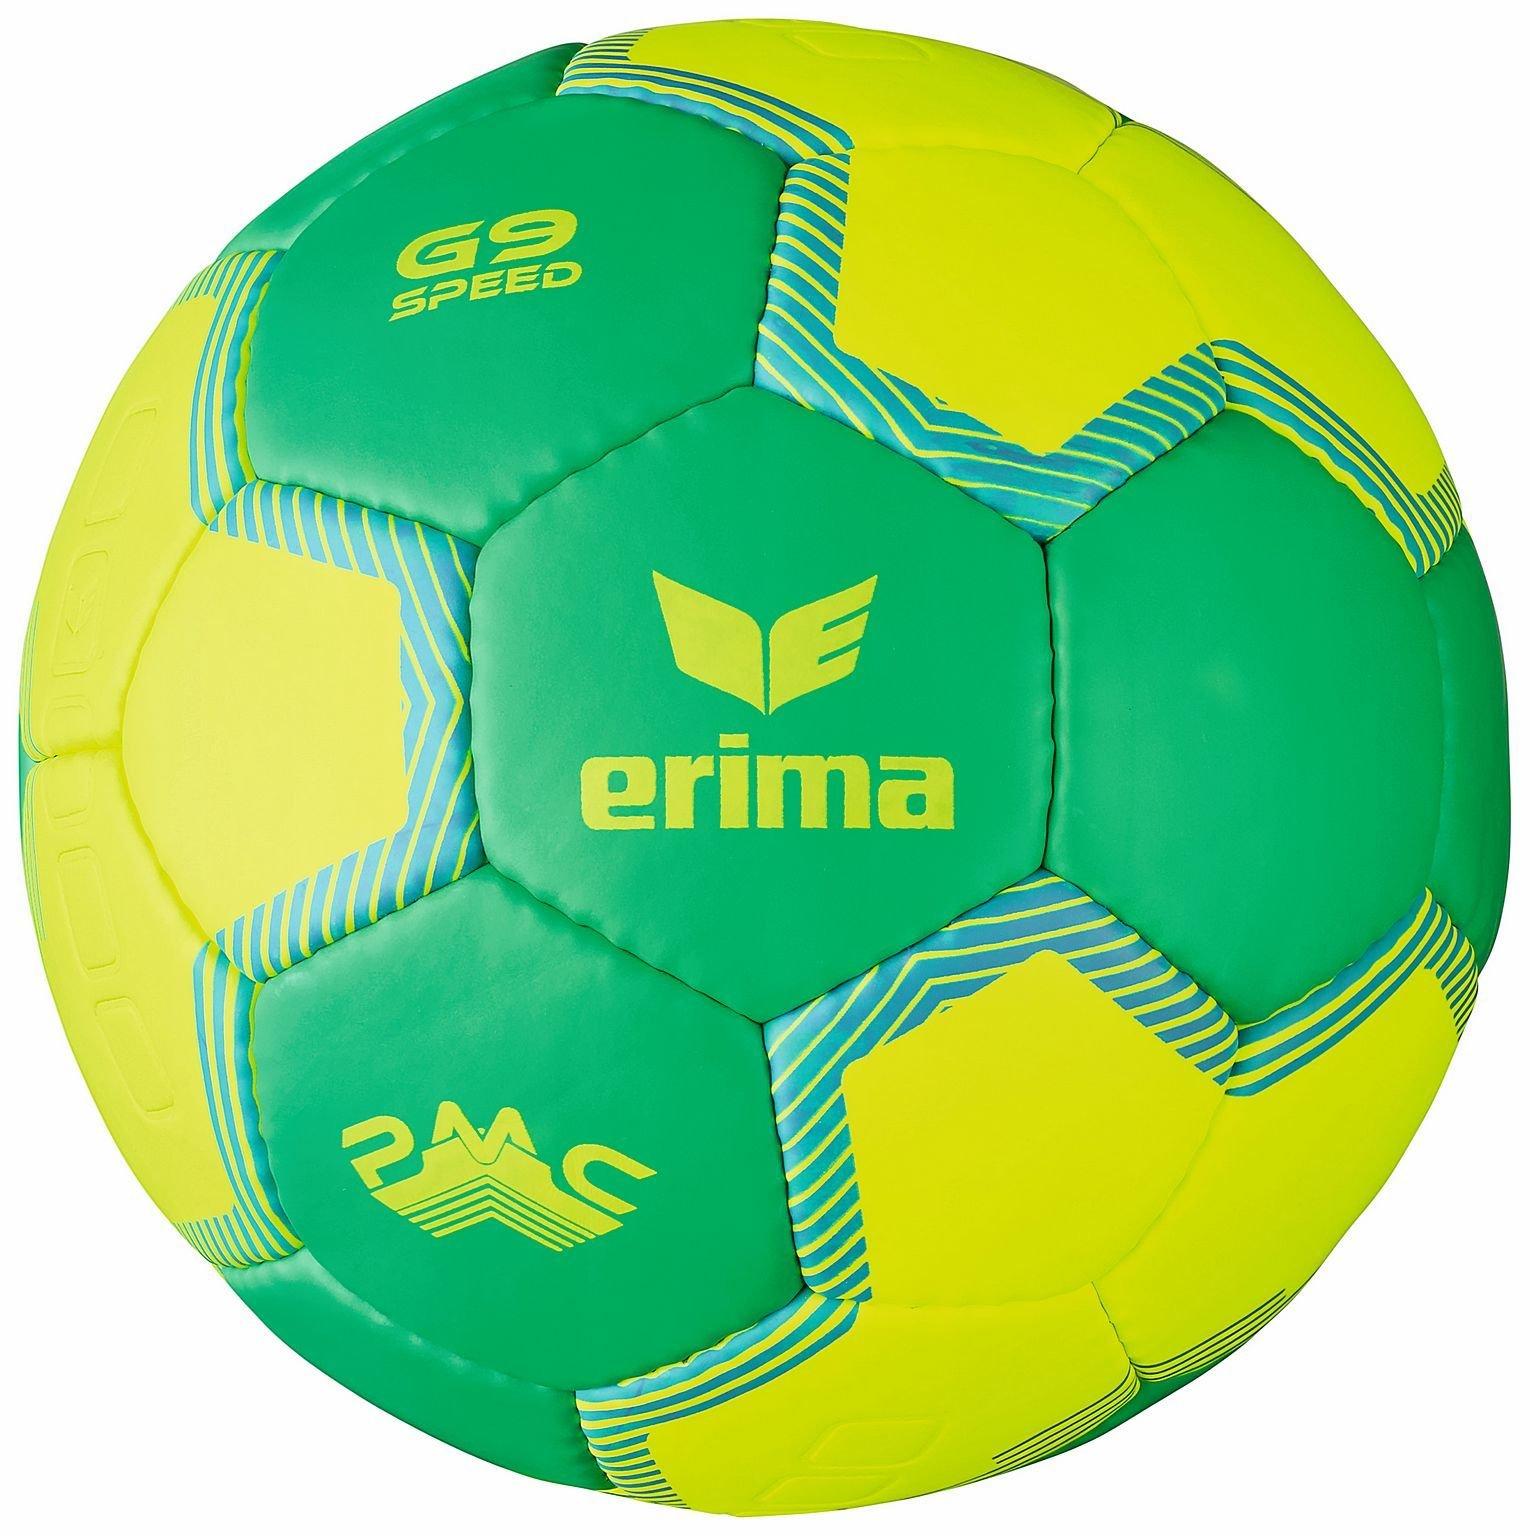 G9 Speed Handball